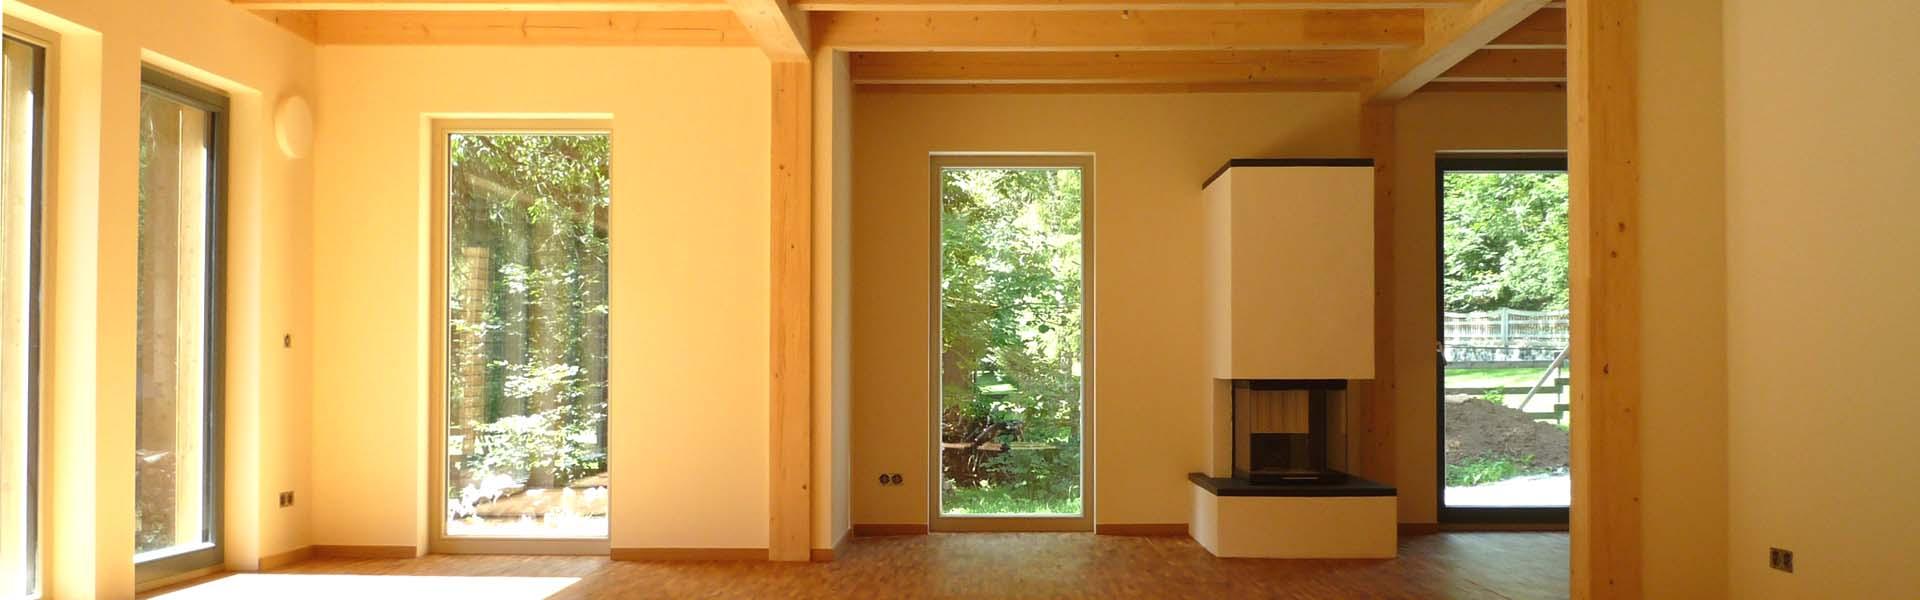 Wohngesunde Holzhäuser